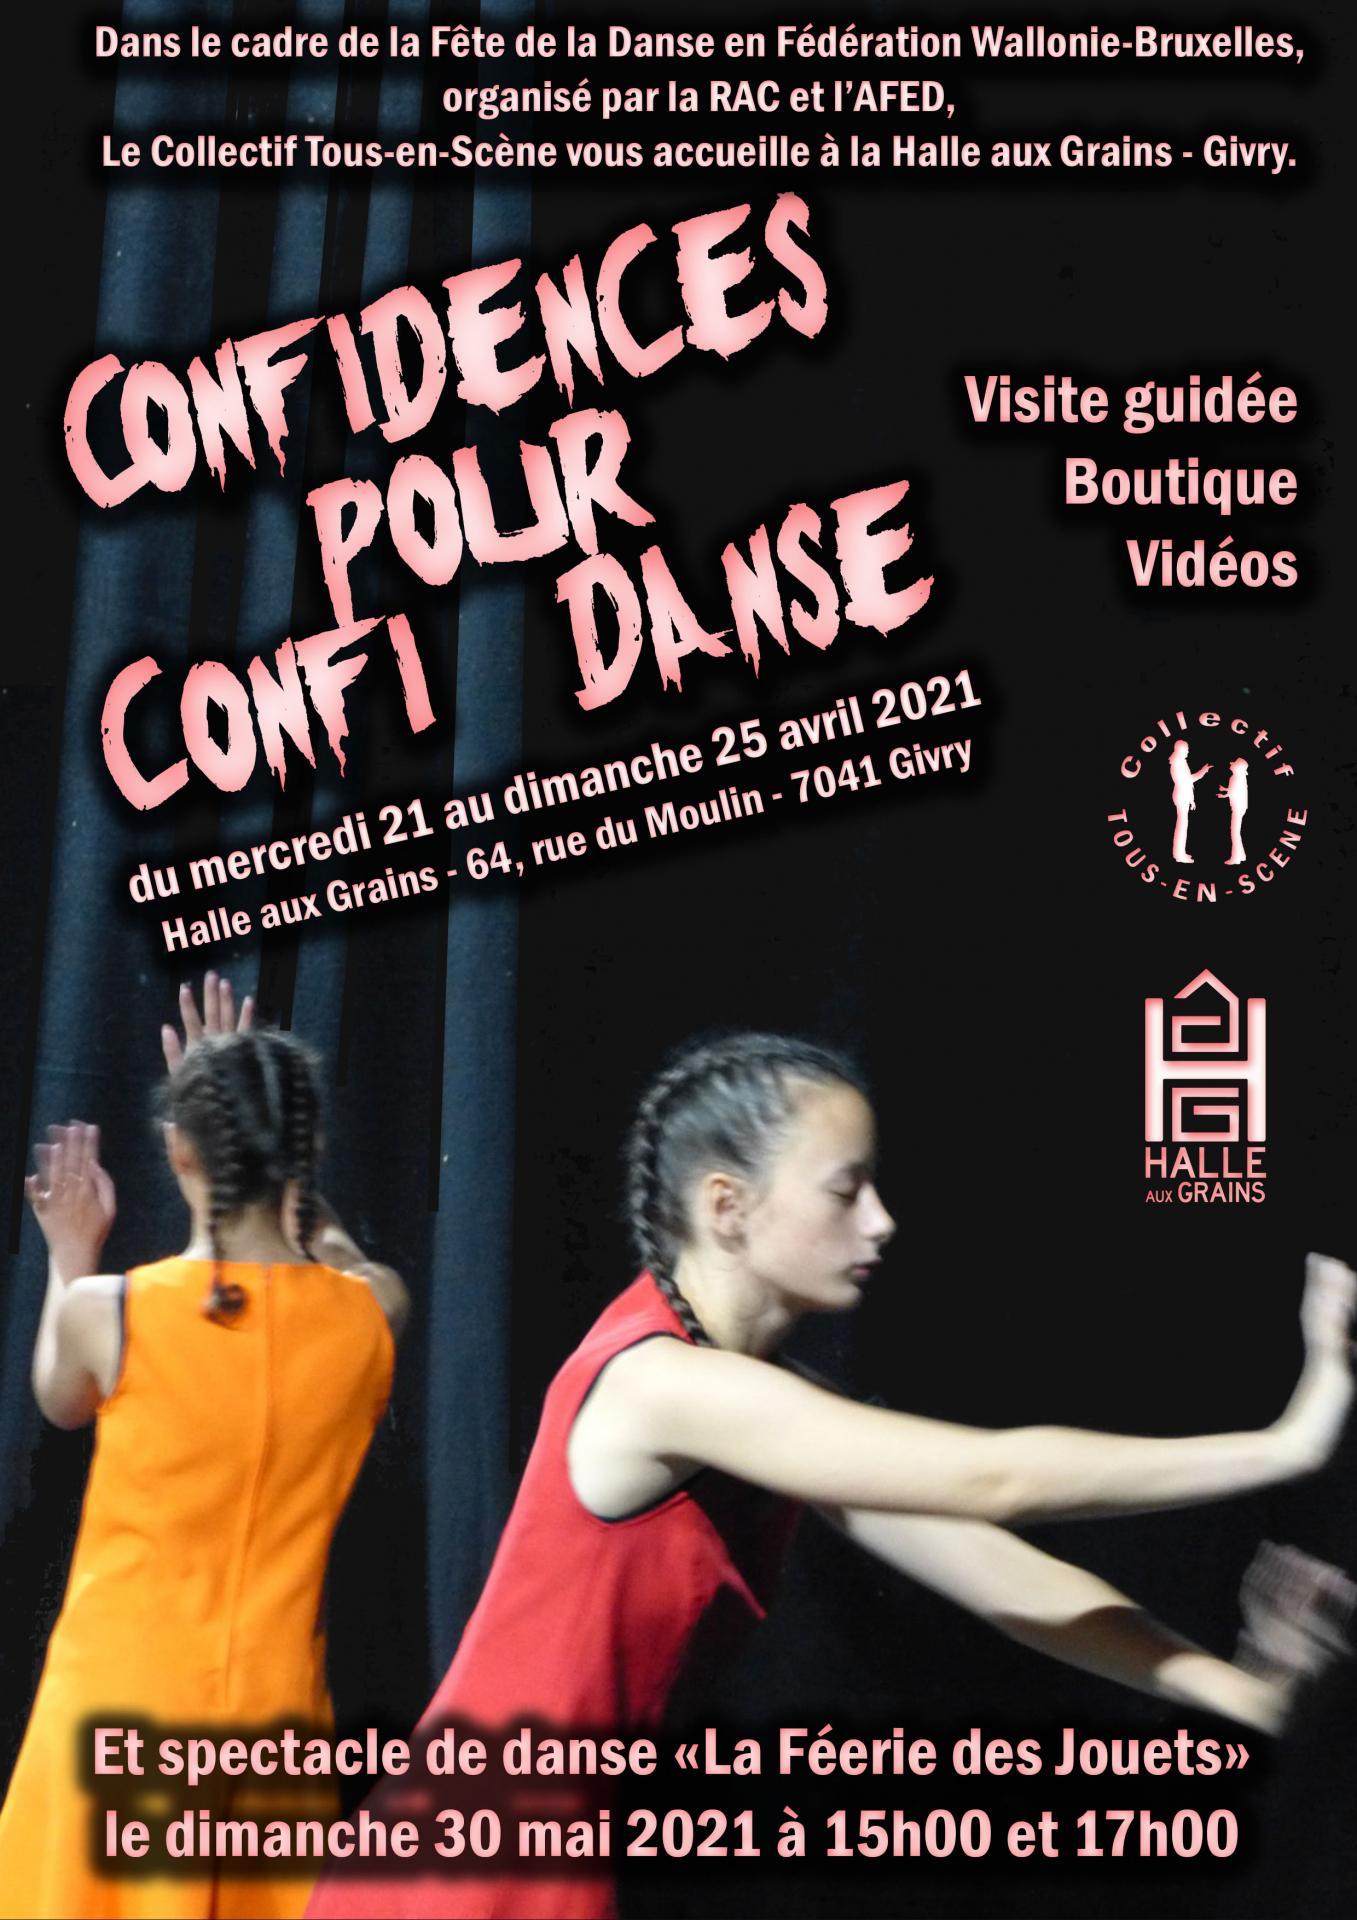 Affiche confidences pour confi danse